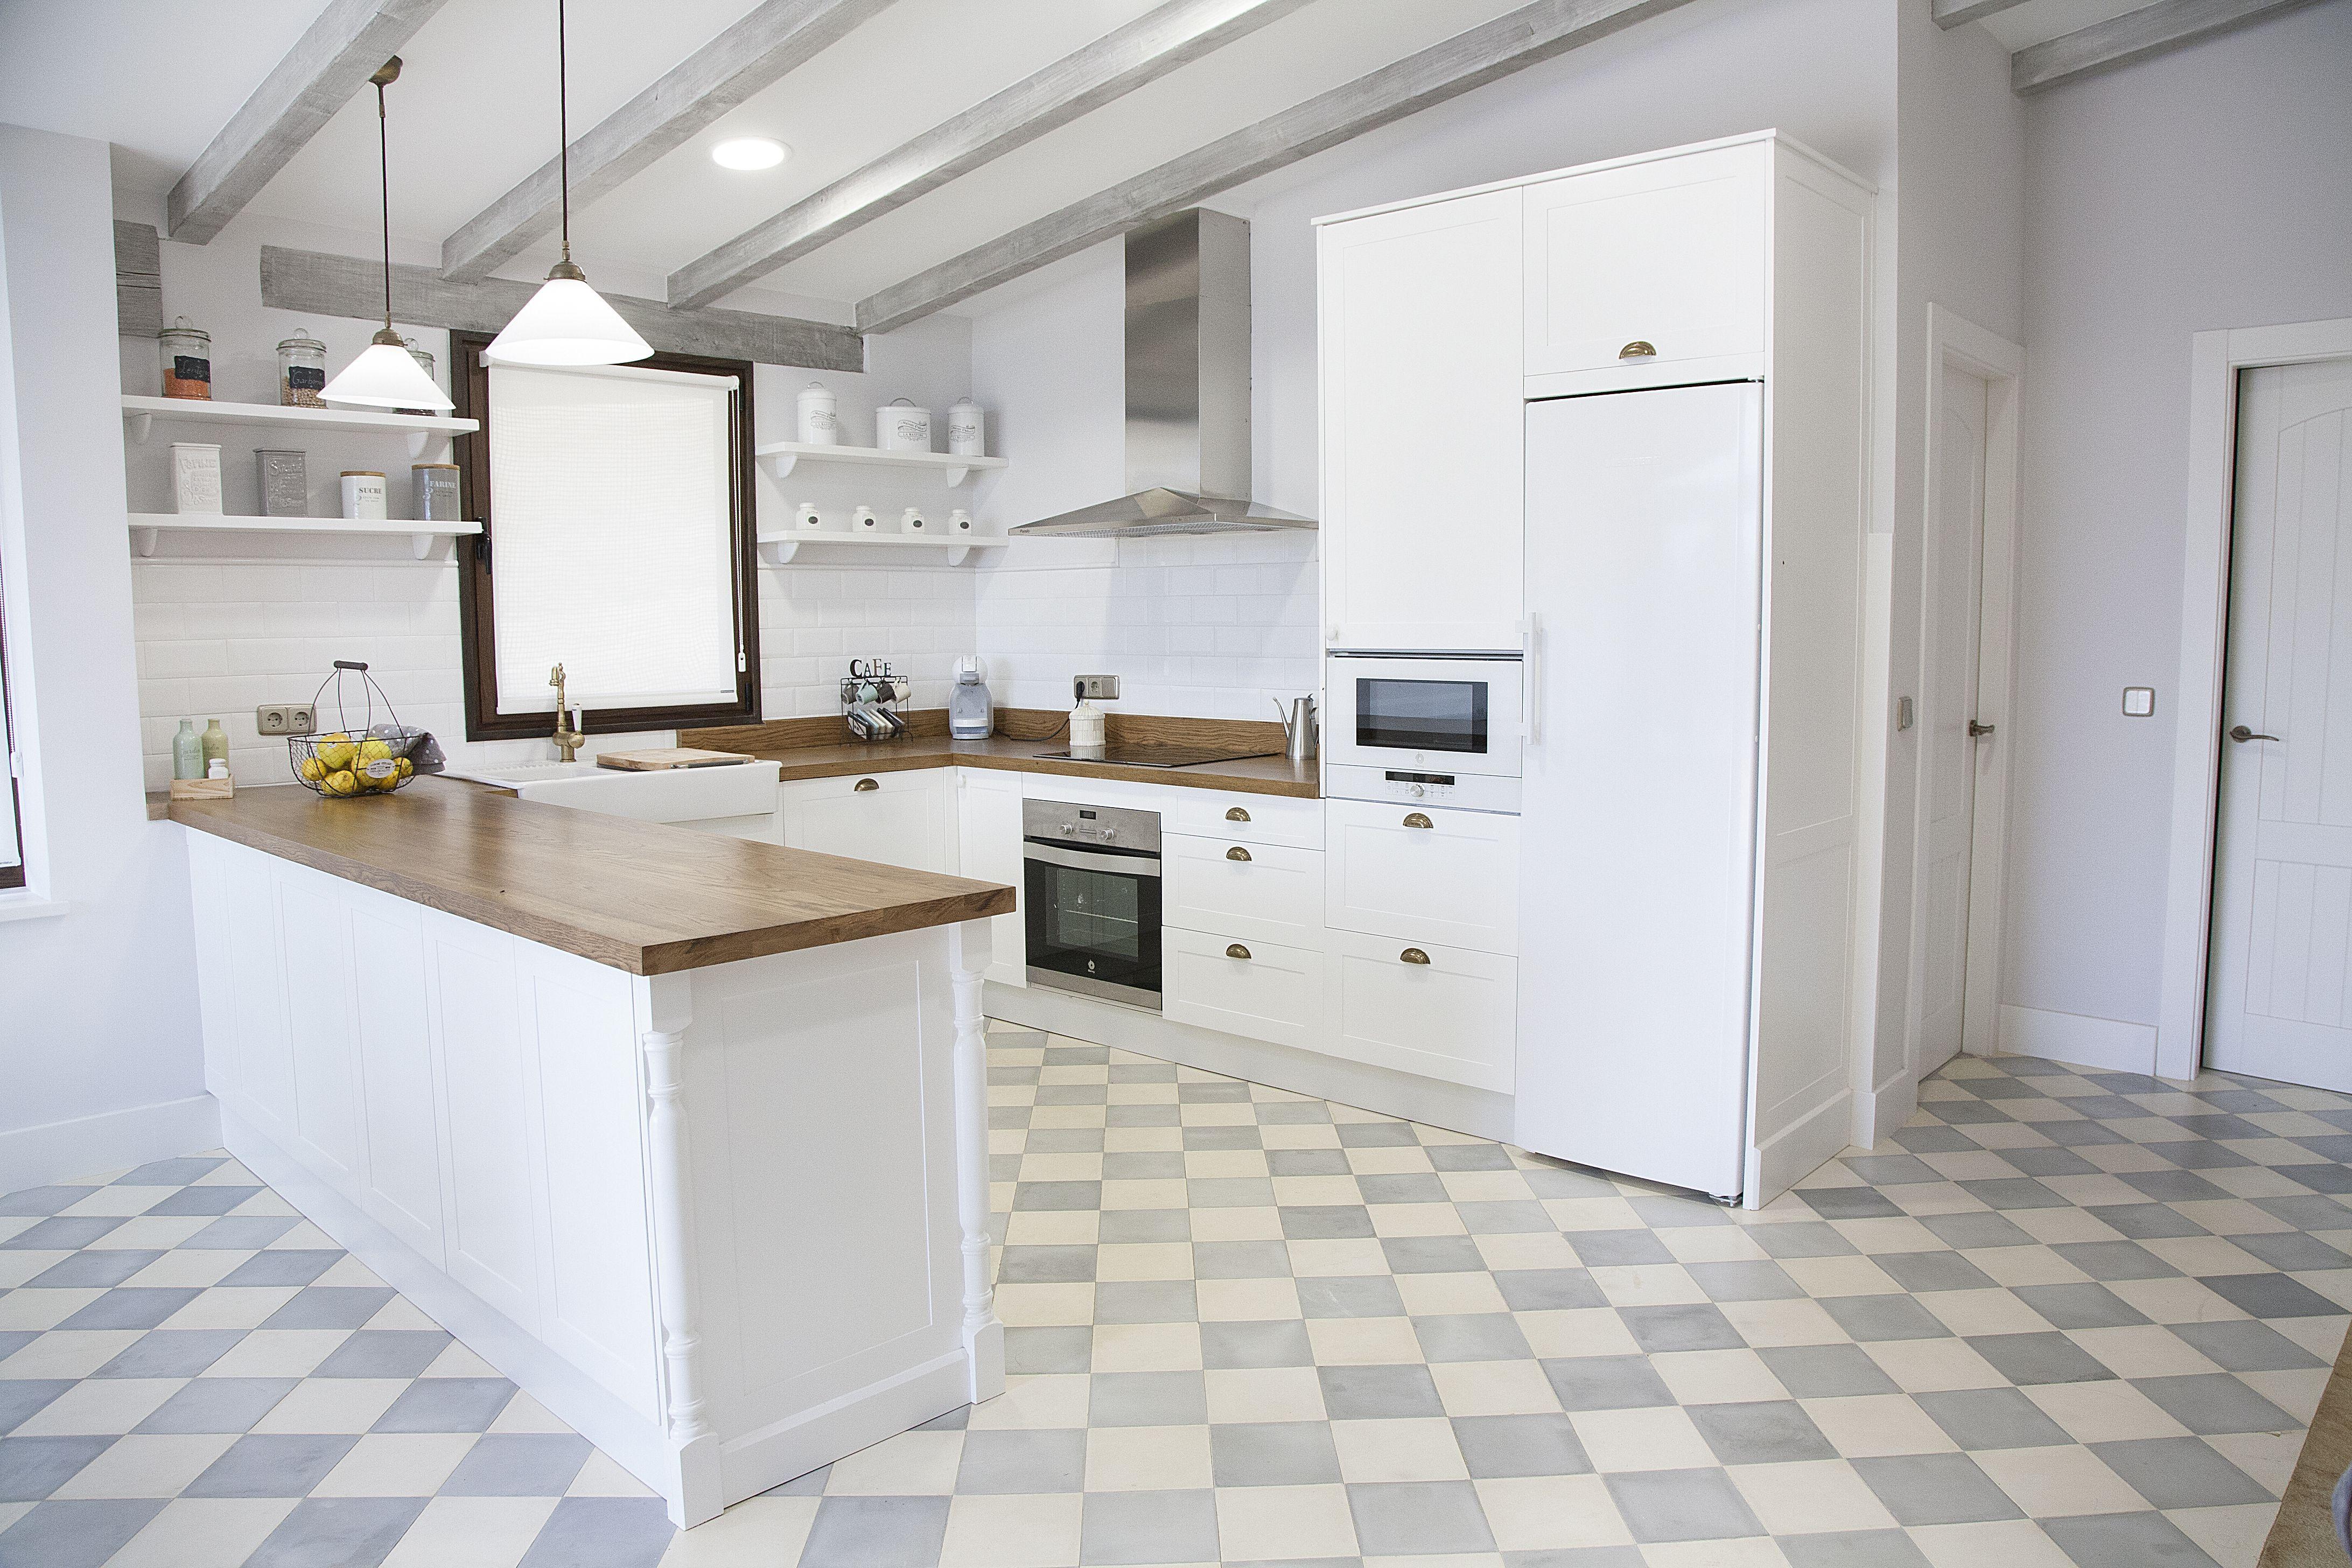 Cocina blanca encimera de madera suelo hidr ulico for Baldosa metro